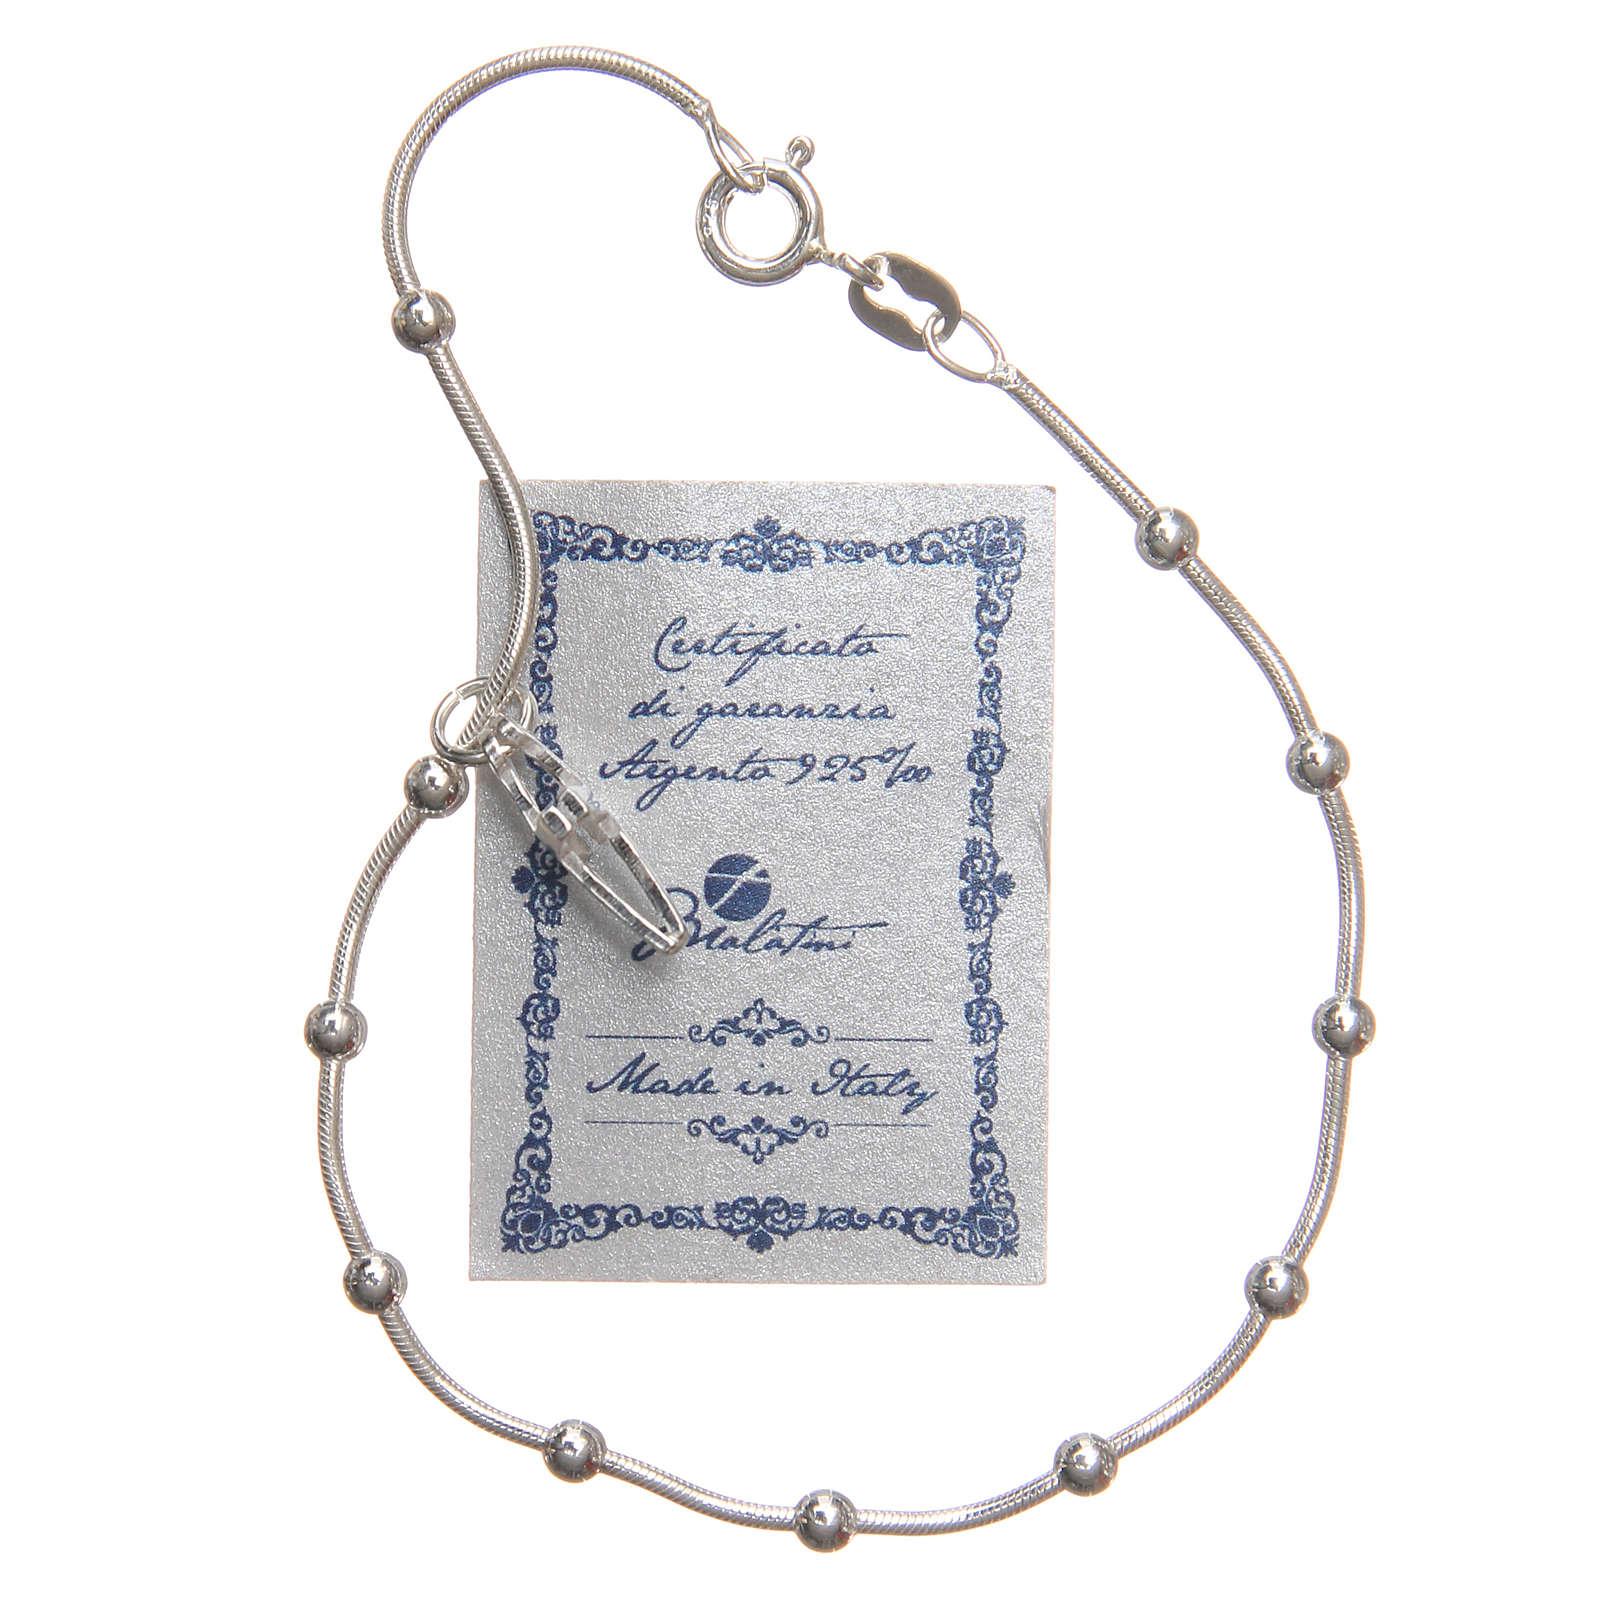 Braccialetto argento 925 grani 3 mm 4